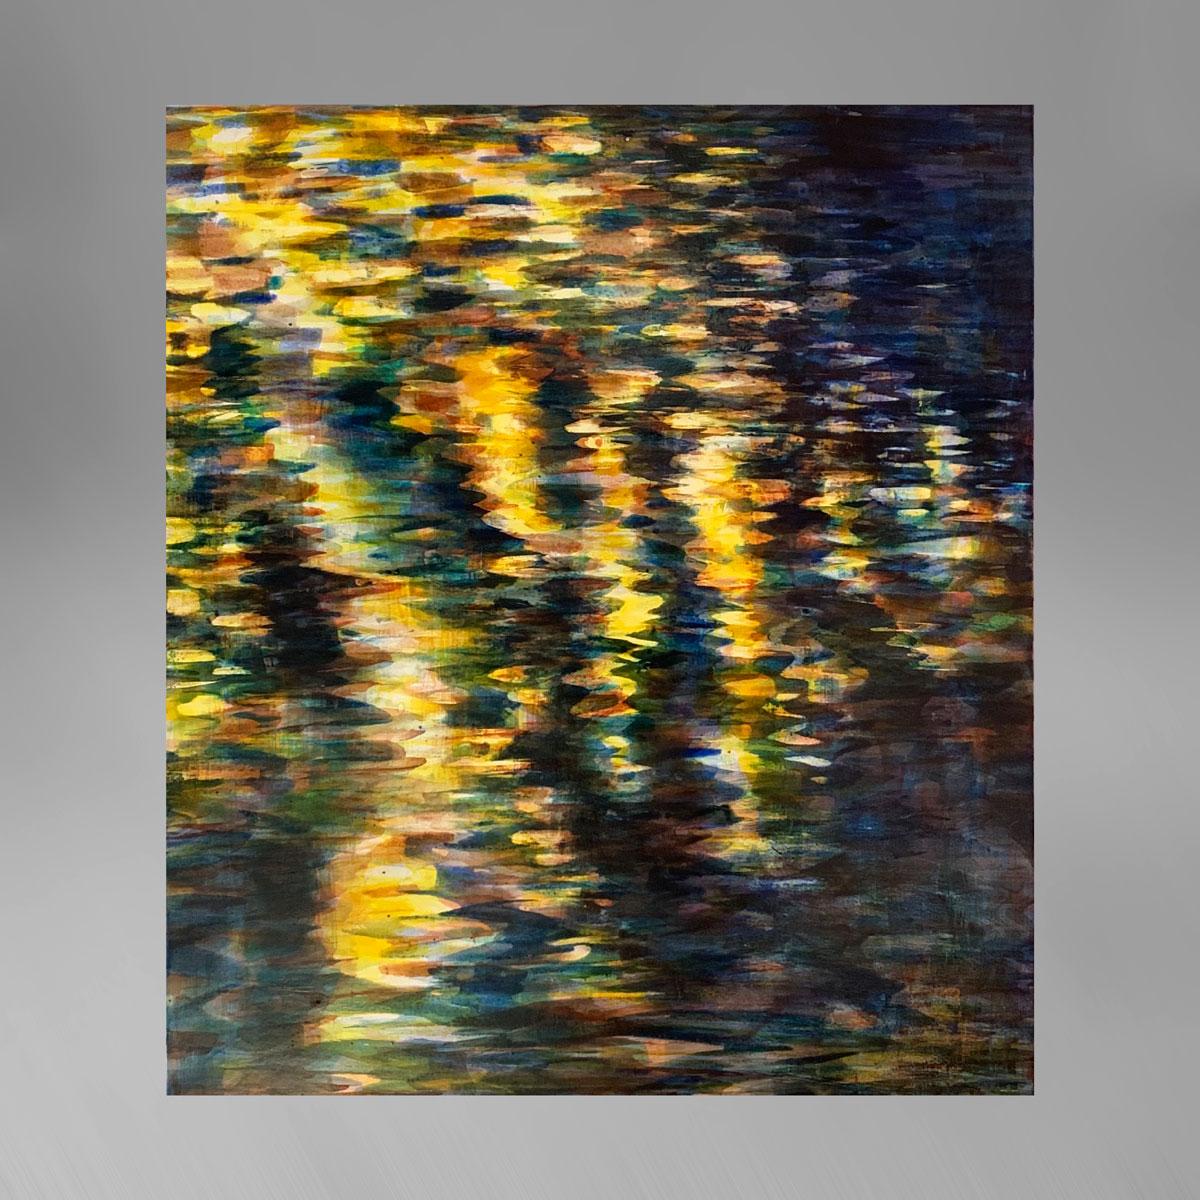 Rupert Muldoon Night River: Blue & gold